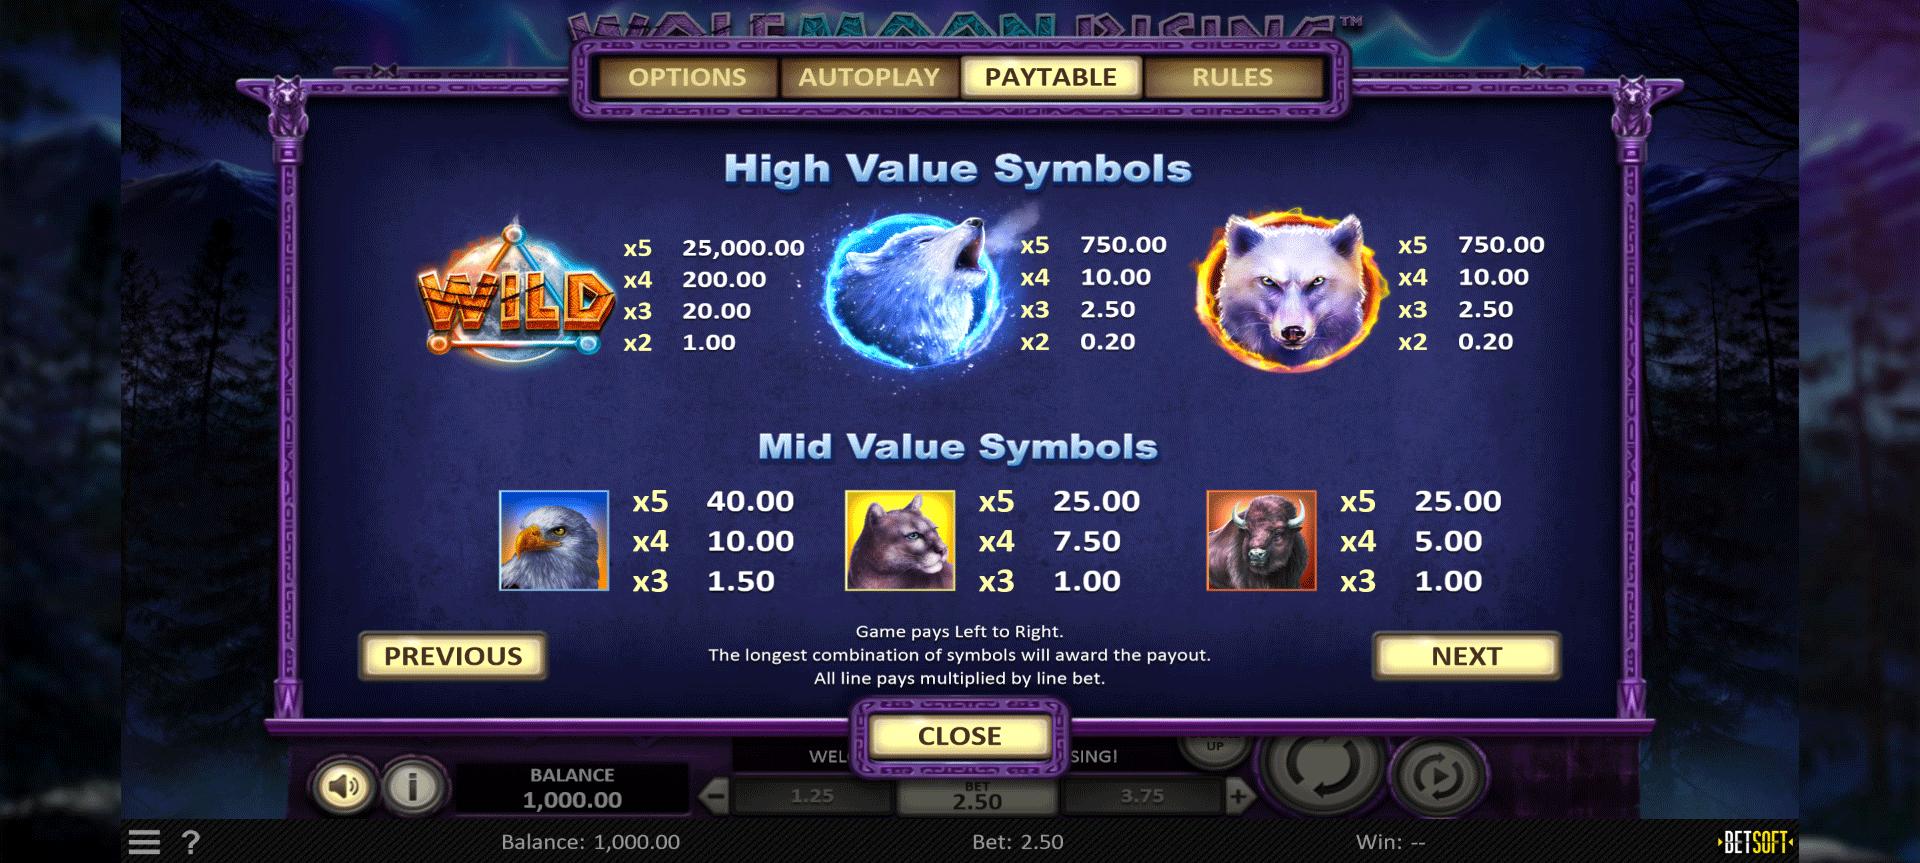 tabella dei pagamenti della slot machine wolf moon rising